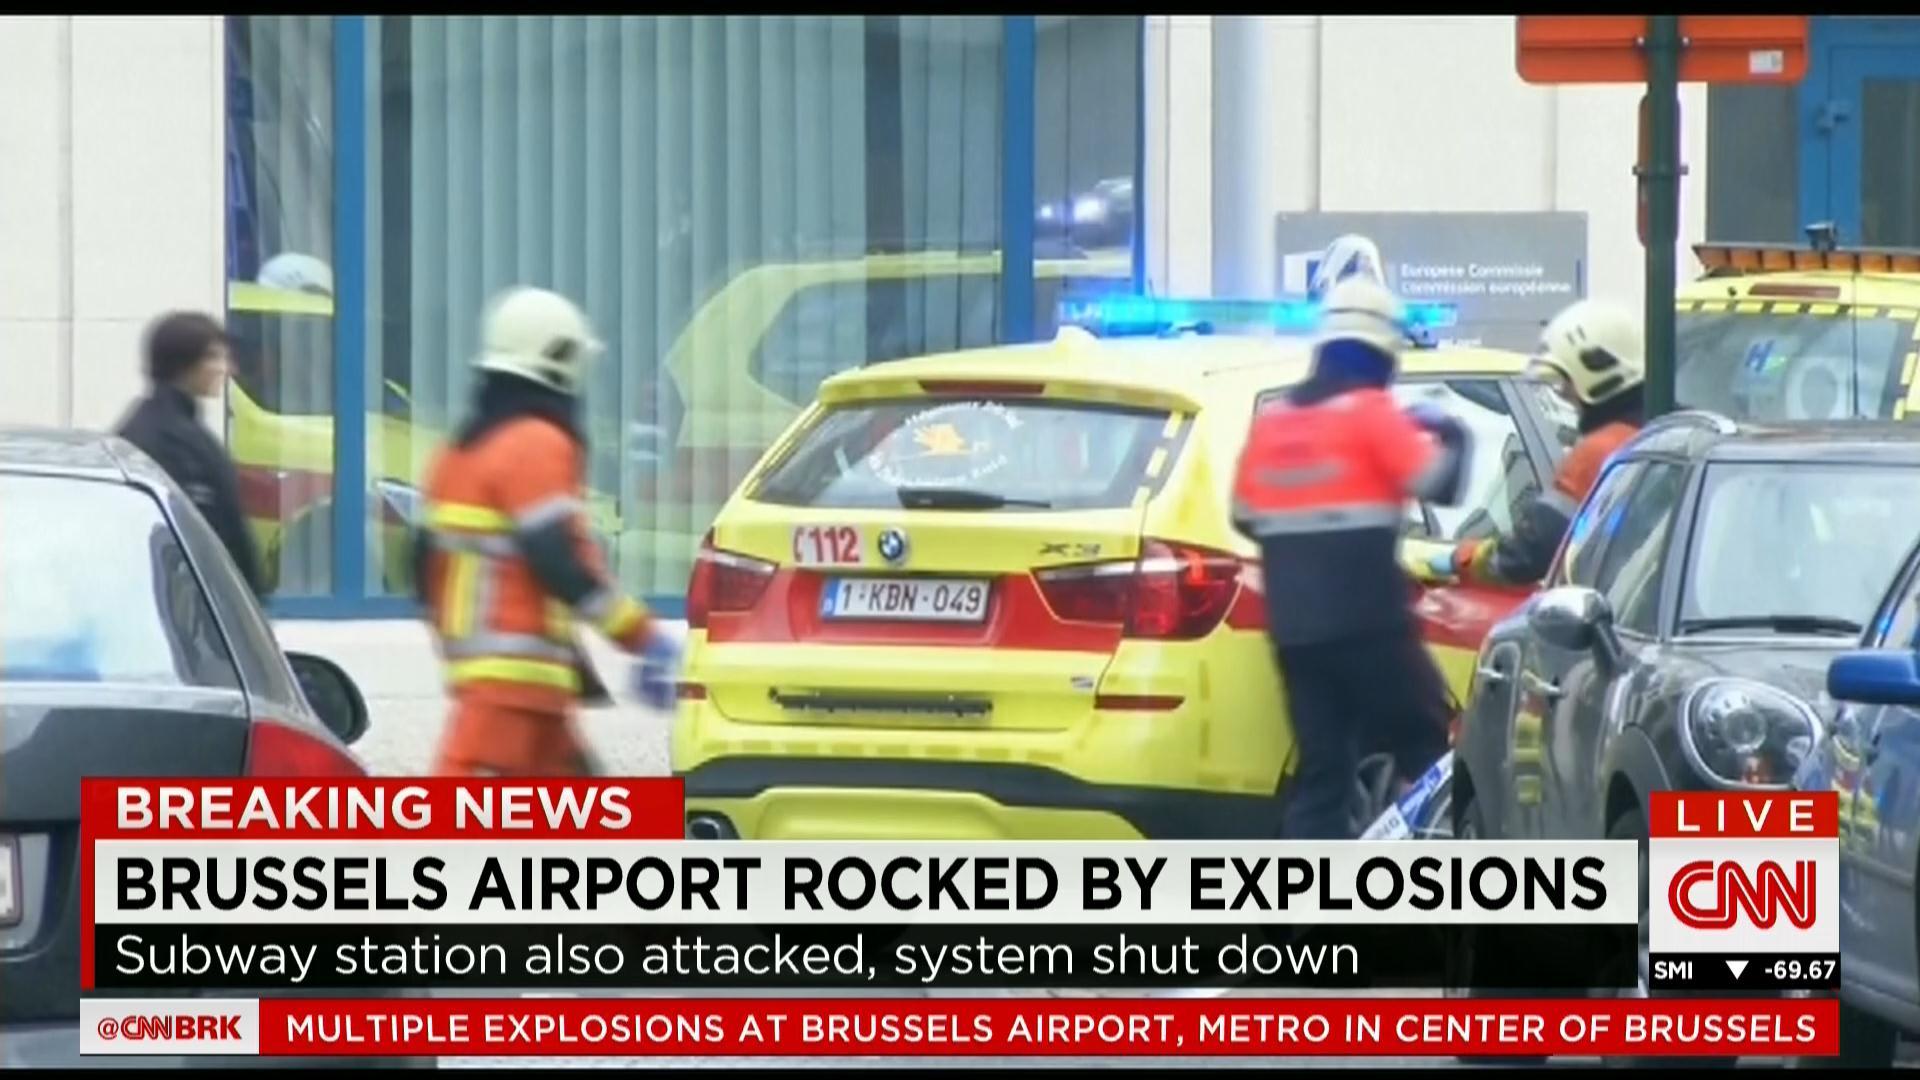 بالصور: شاهد اللحظات الأولى لتفجيرات بروكسل التي هزت بلجيكا